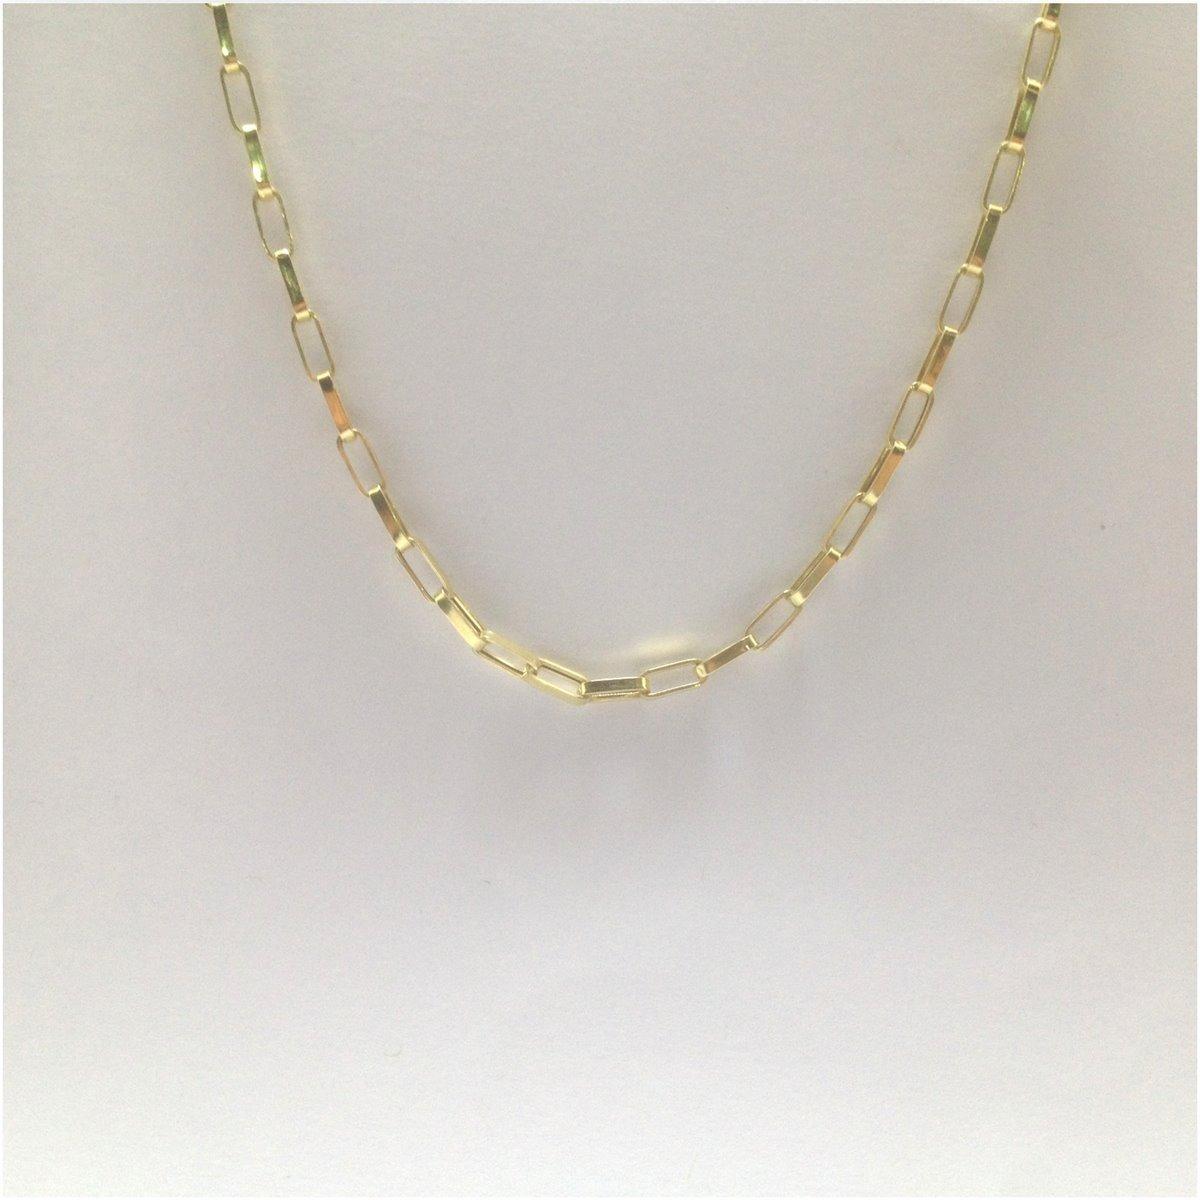 ab9ab45ccfe corrente 65 cm cordão cartier maciça masculino ouro 18k. Carregando zoom.